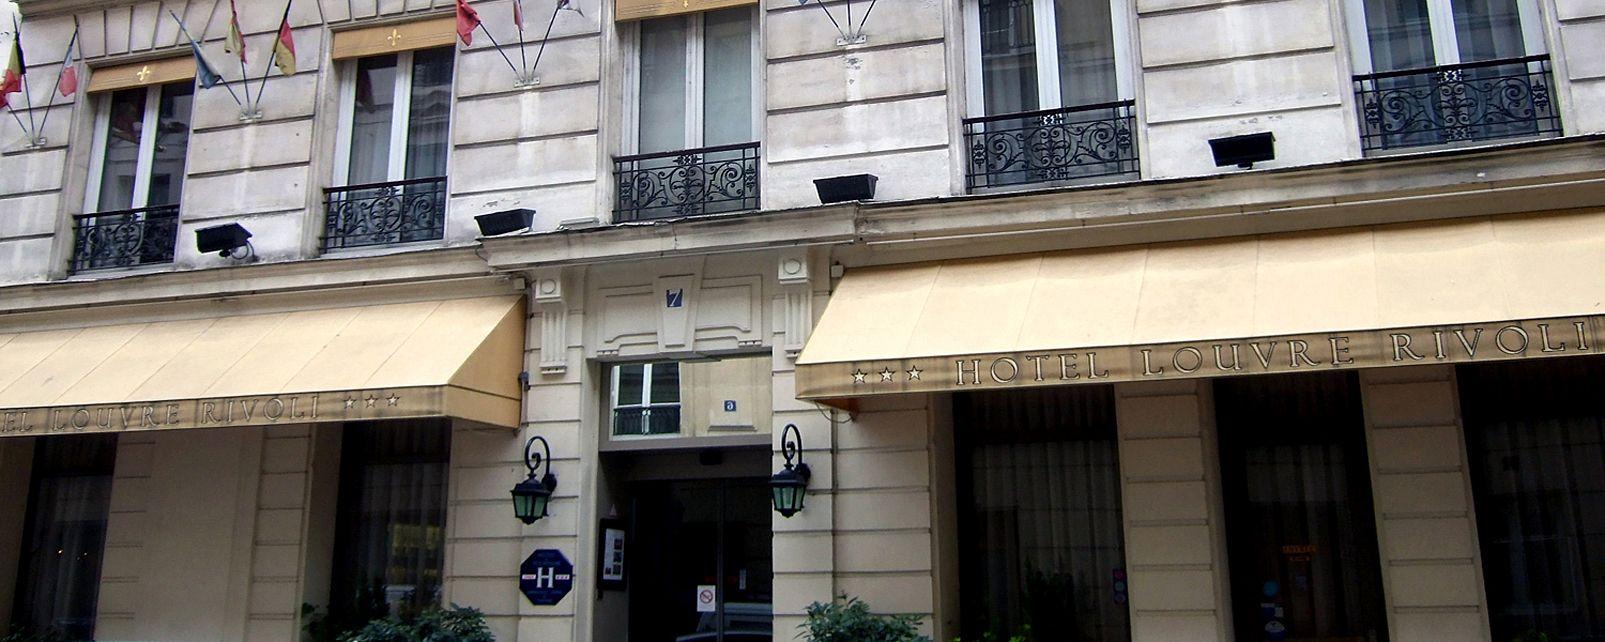 Hôtel Louvre Rivoli